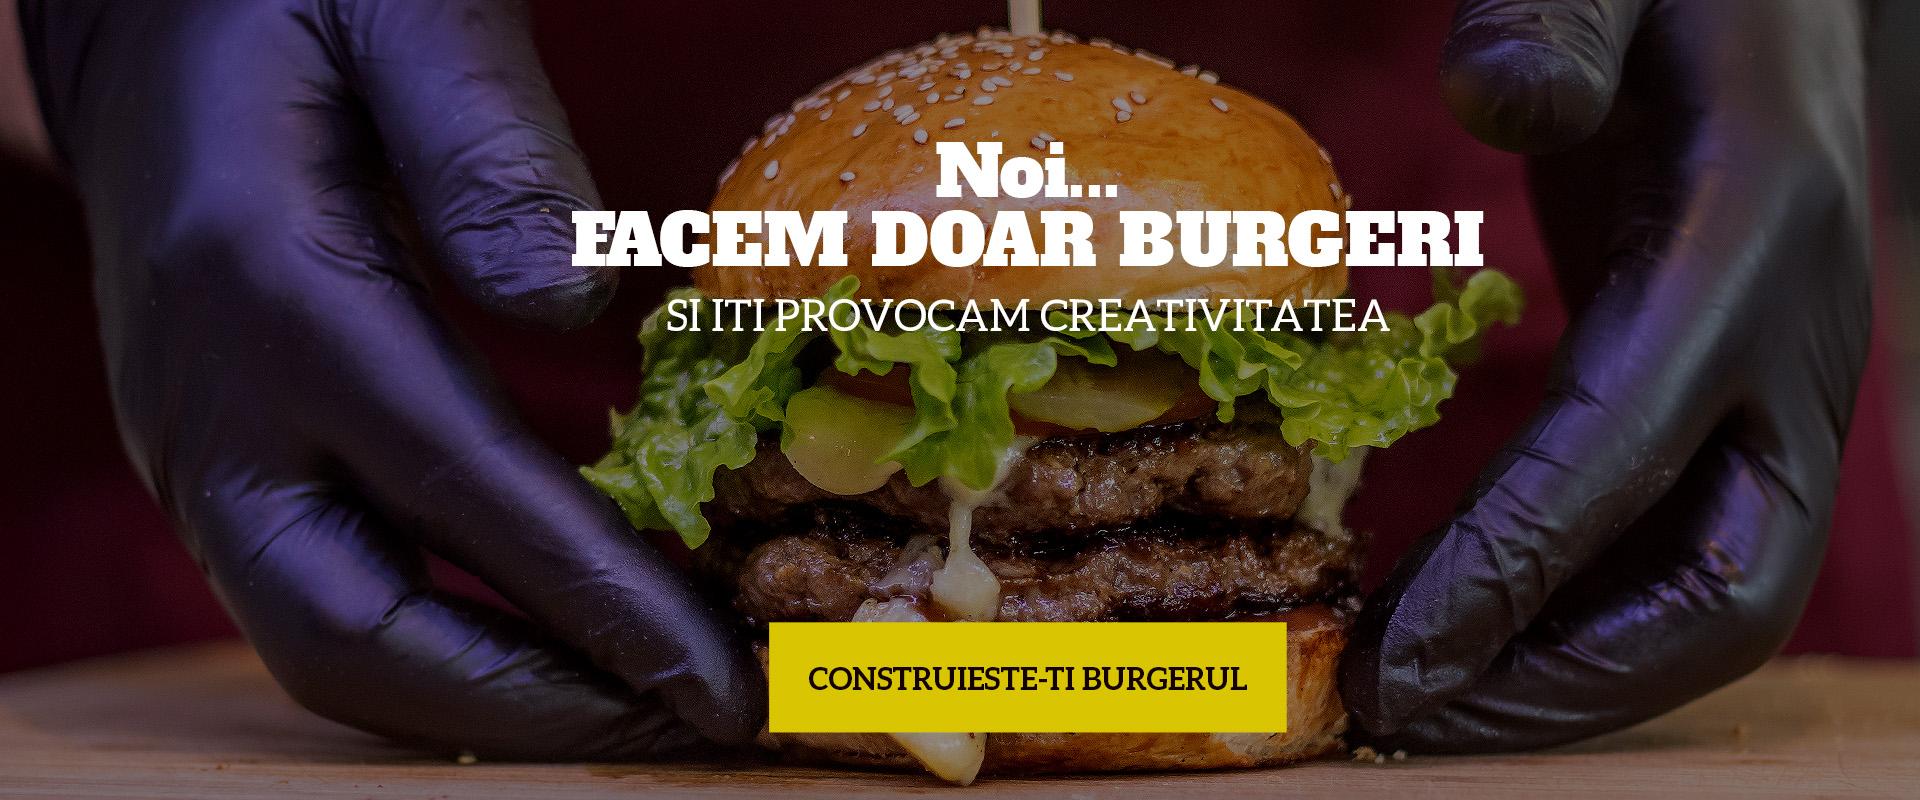 Grillburger dublu cu cheddar